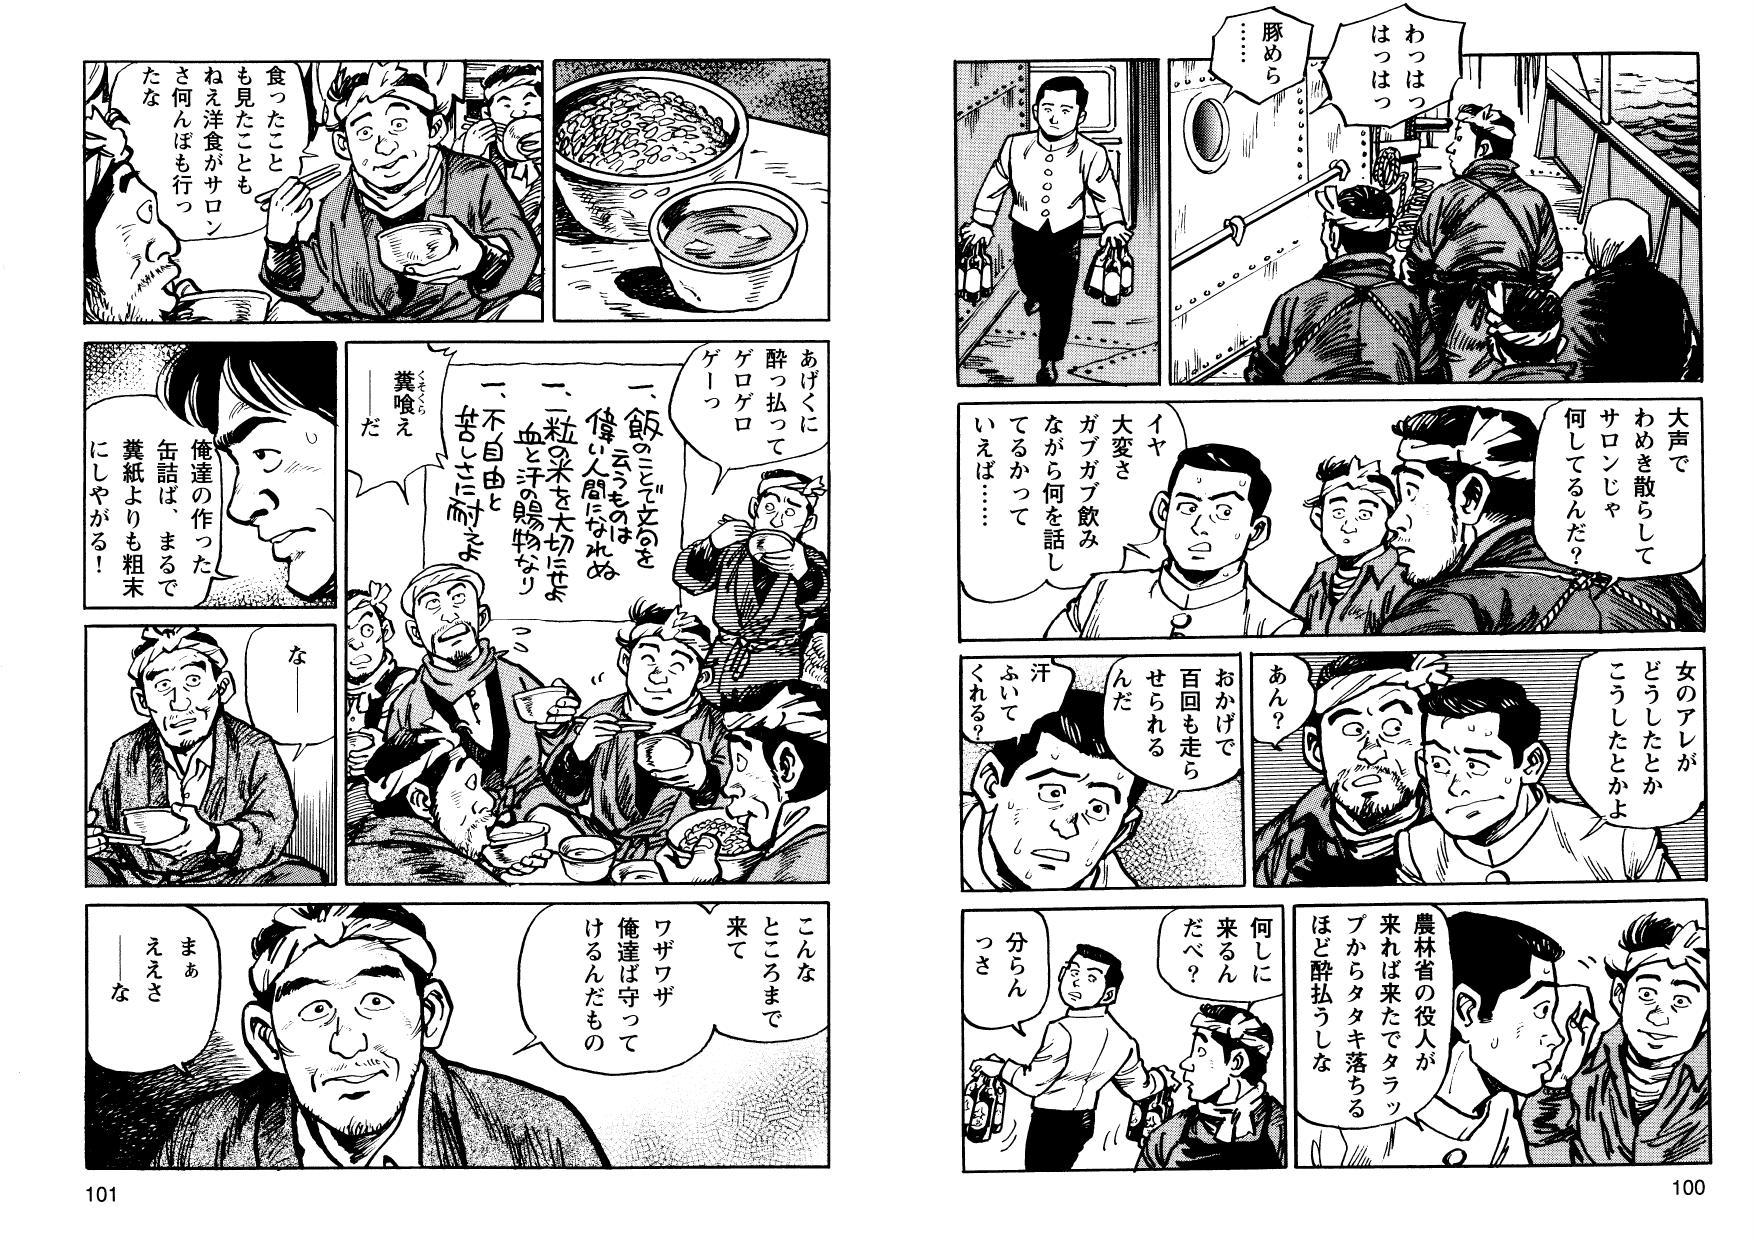 kani_cmc_000051.jpg